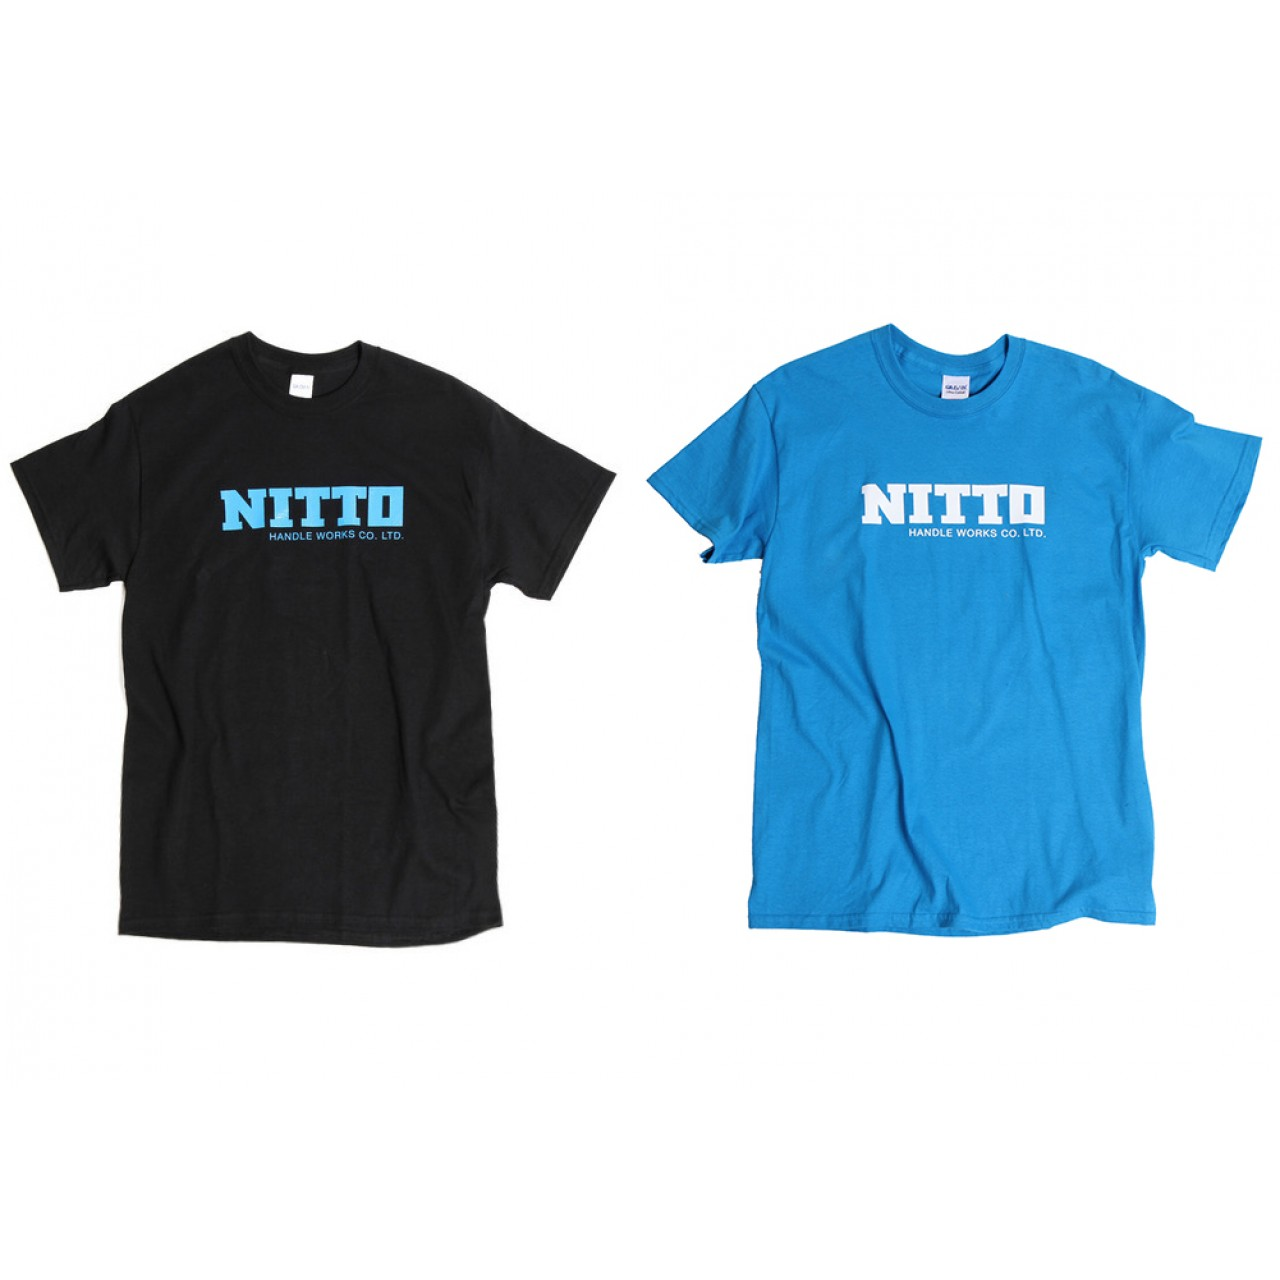 NITTO - Logo t-Shirt, 26,90 €